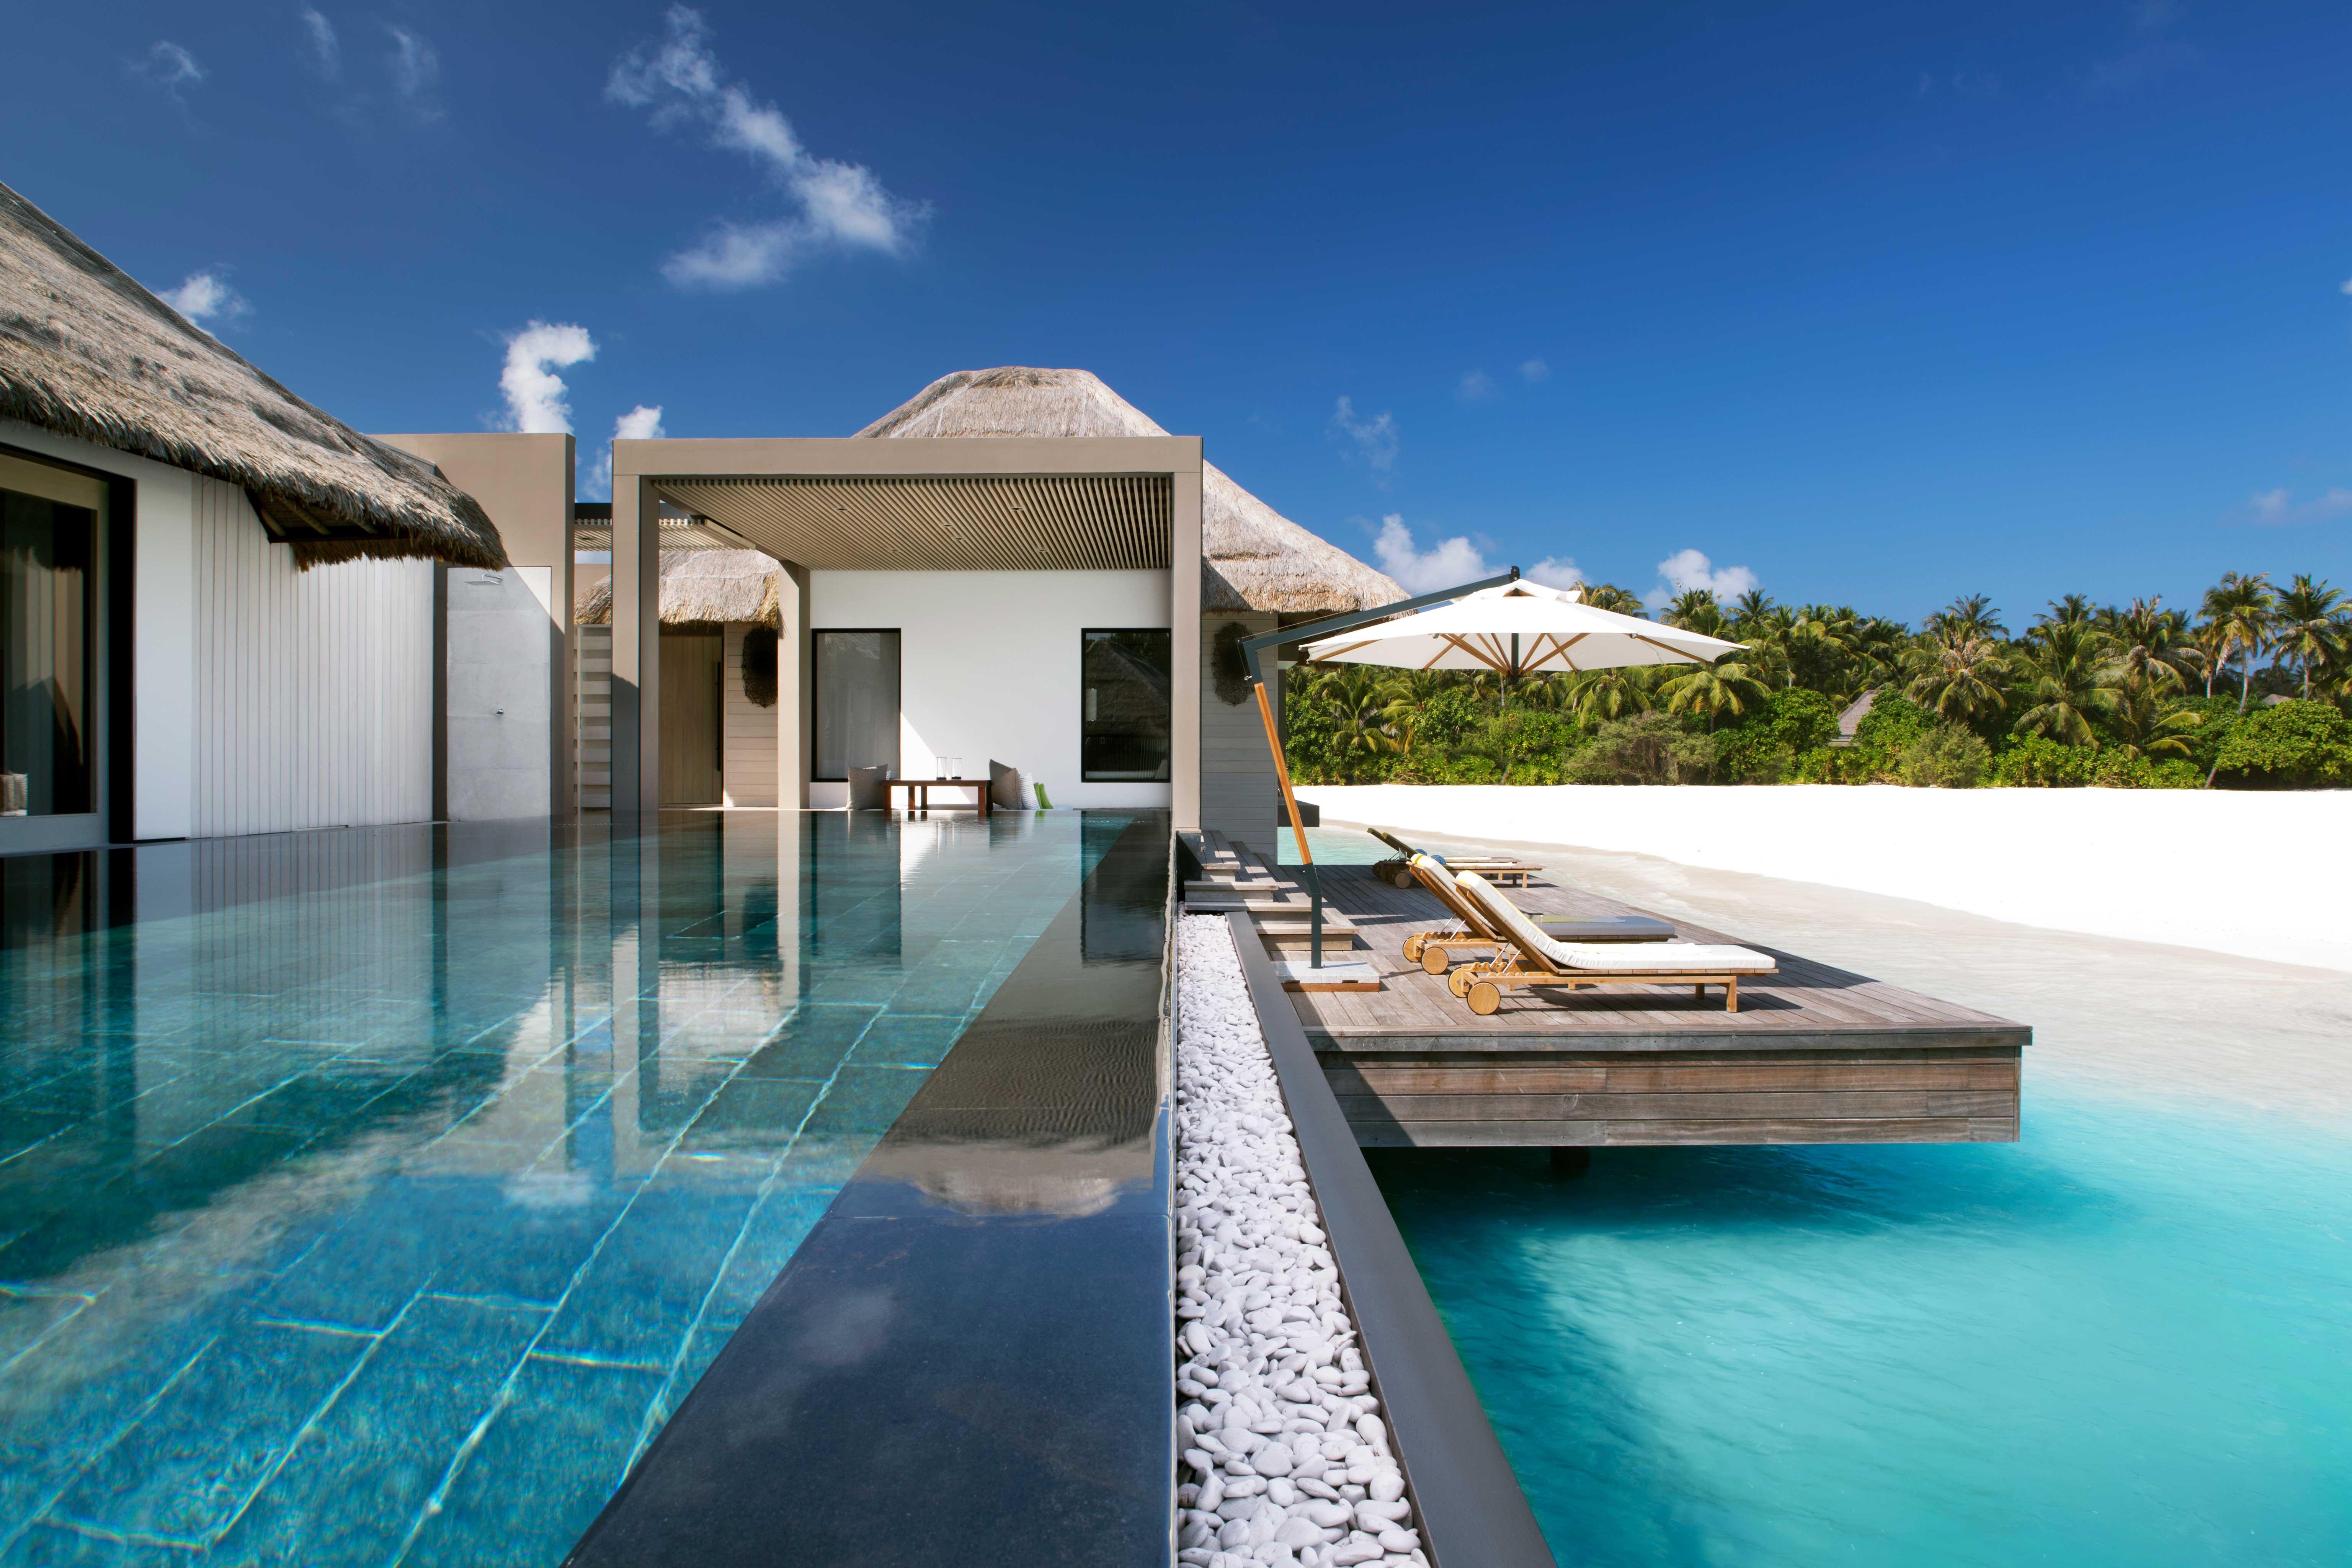 honeymoon resort pools lounges